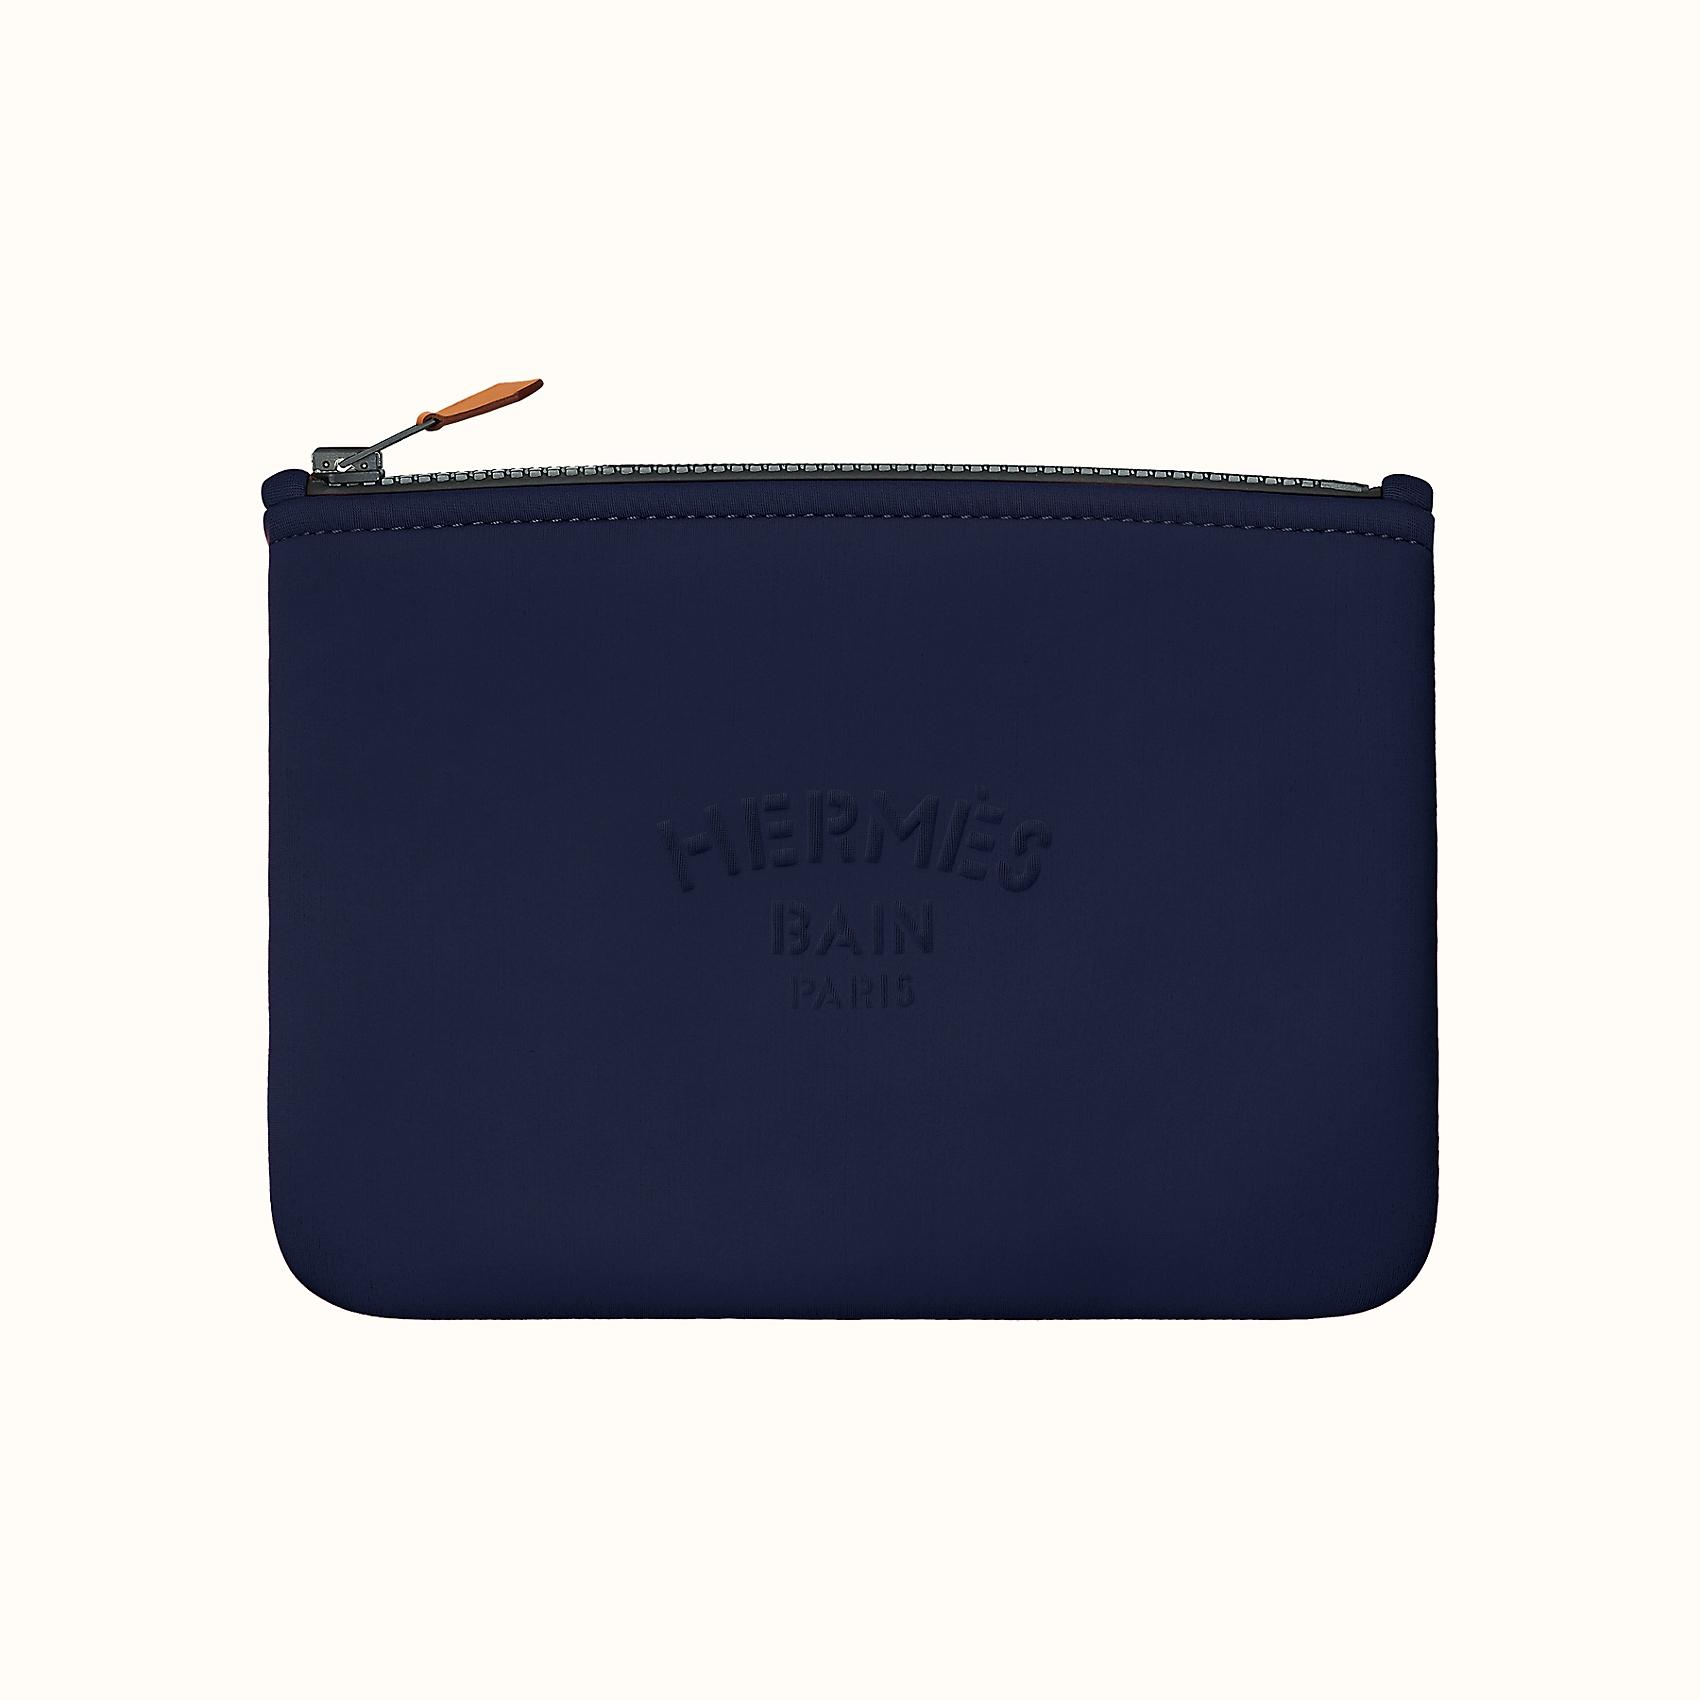 HERMES Neobain Case, Small Model